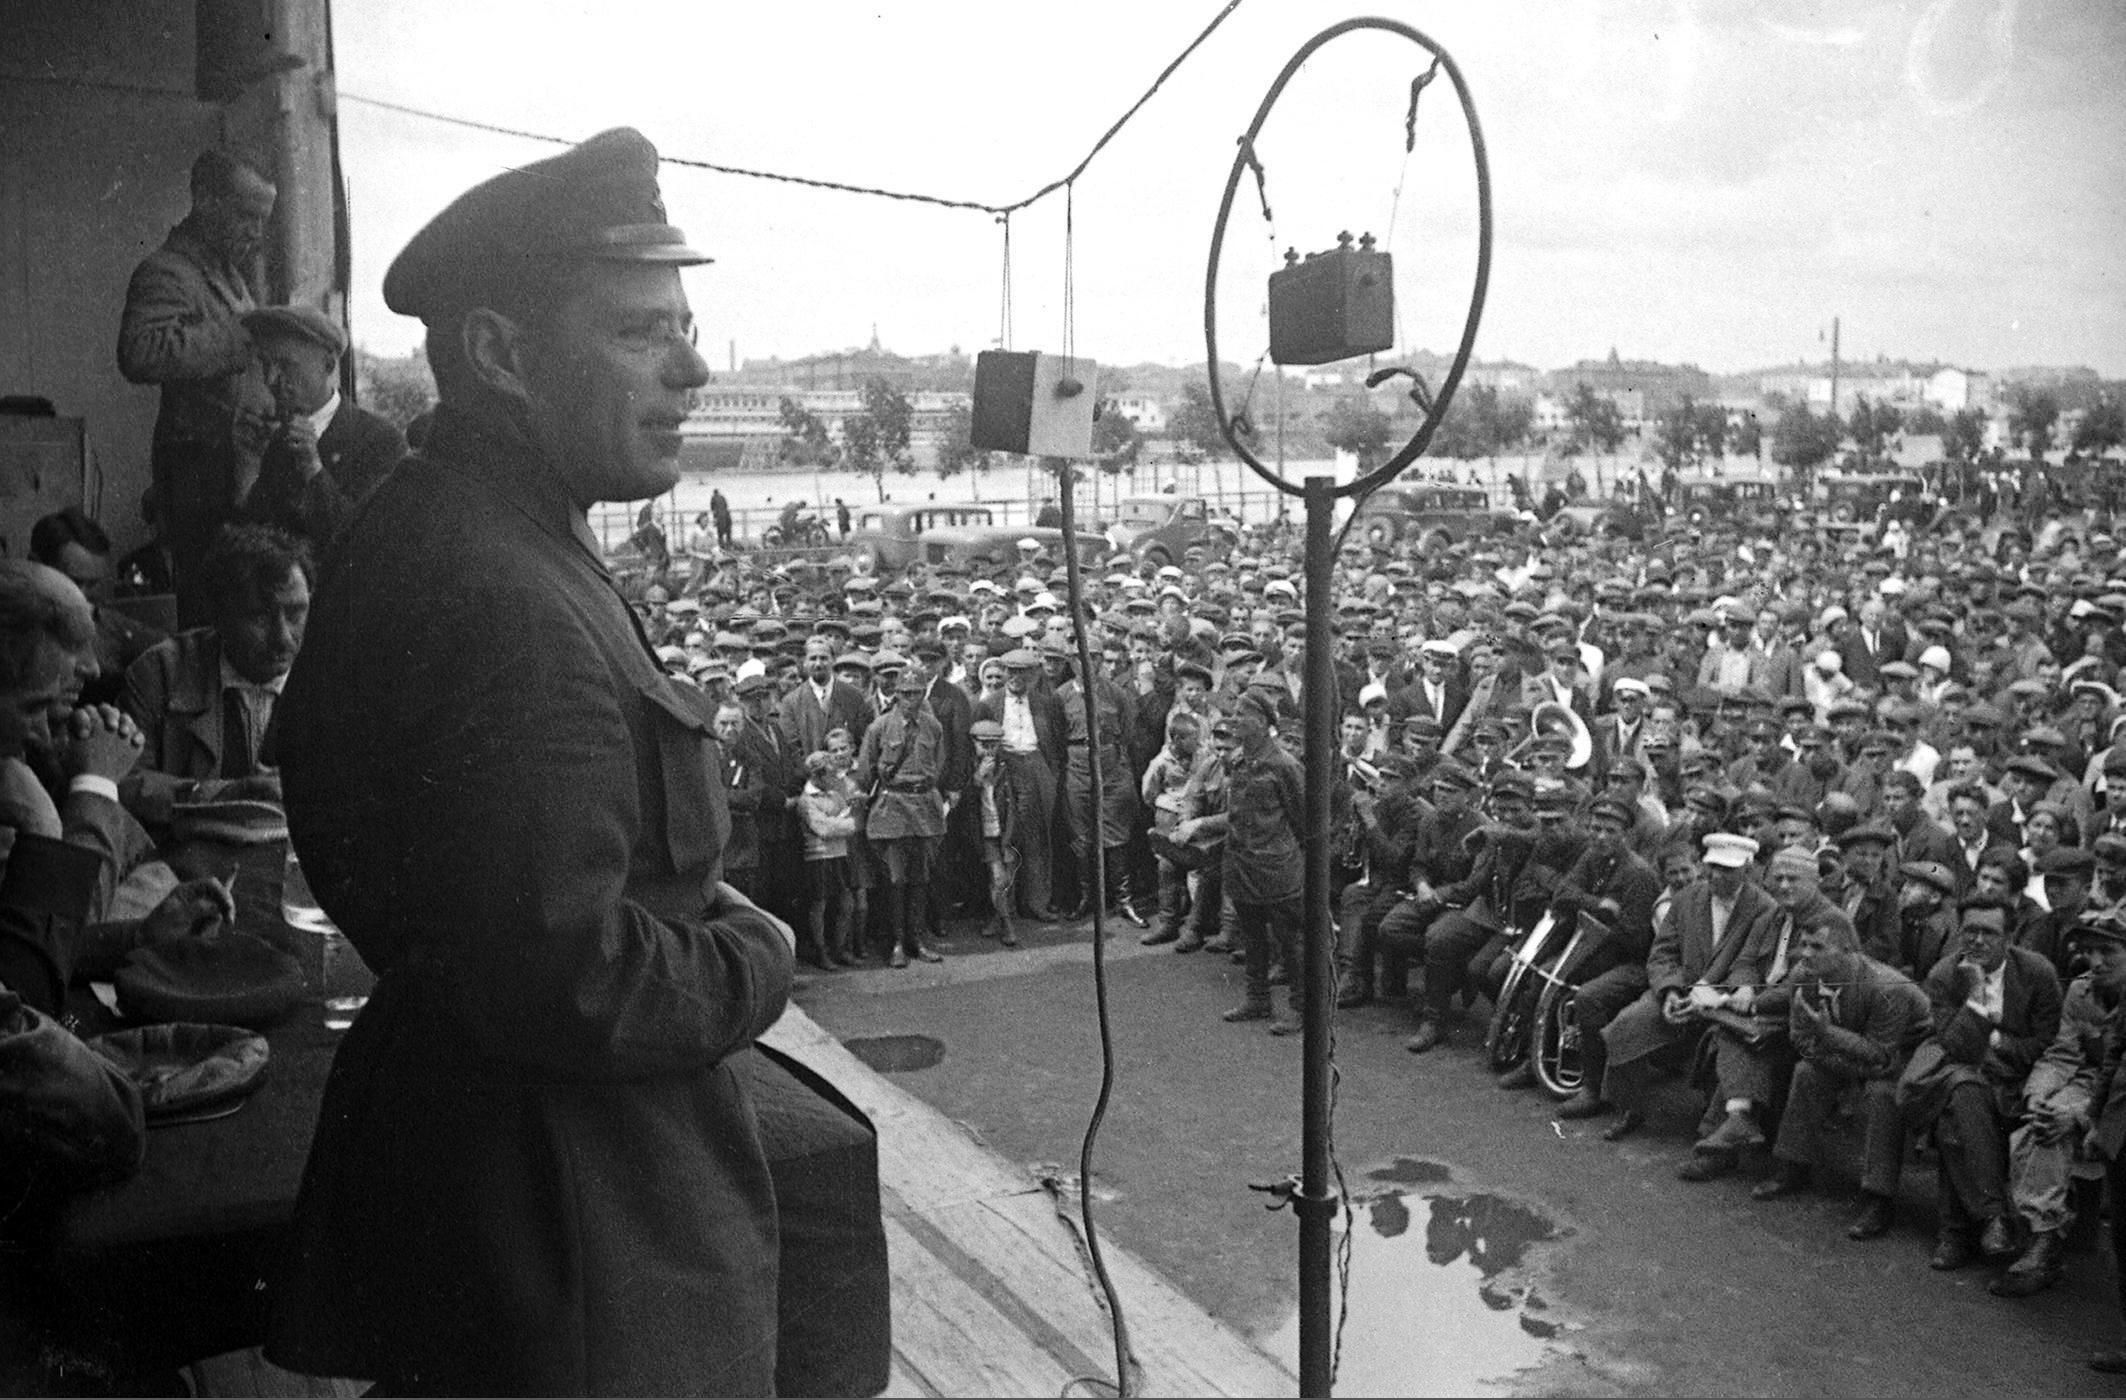 1933. Выступление председателя комитета автопробега Москва-Каракум-Москва Н. В. Куйбышева перед стартом